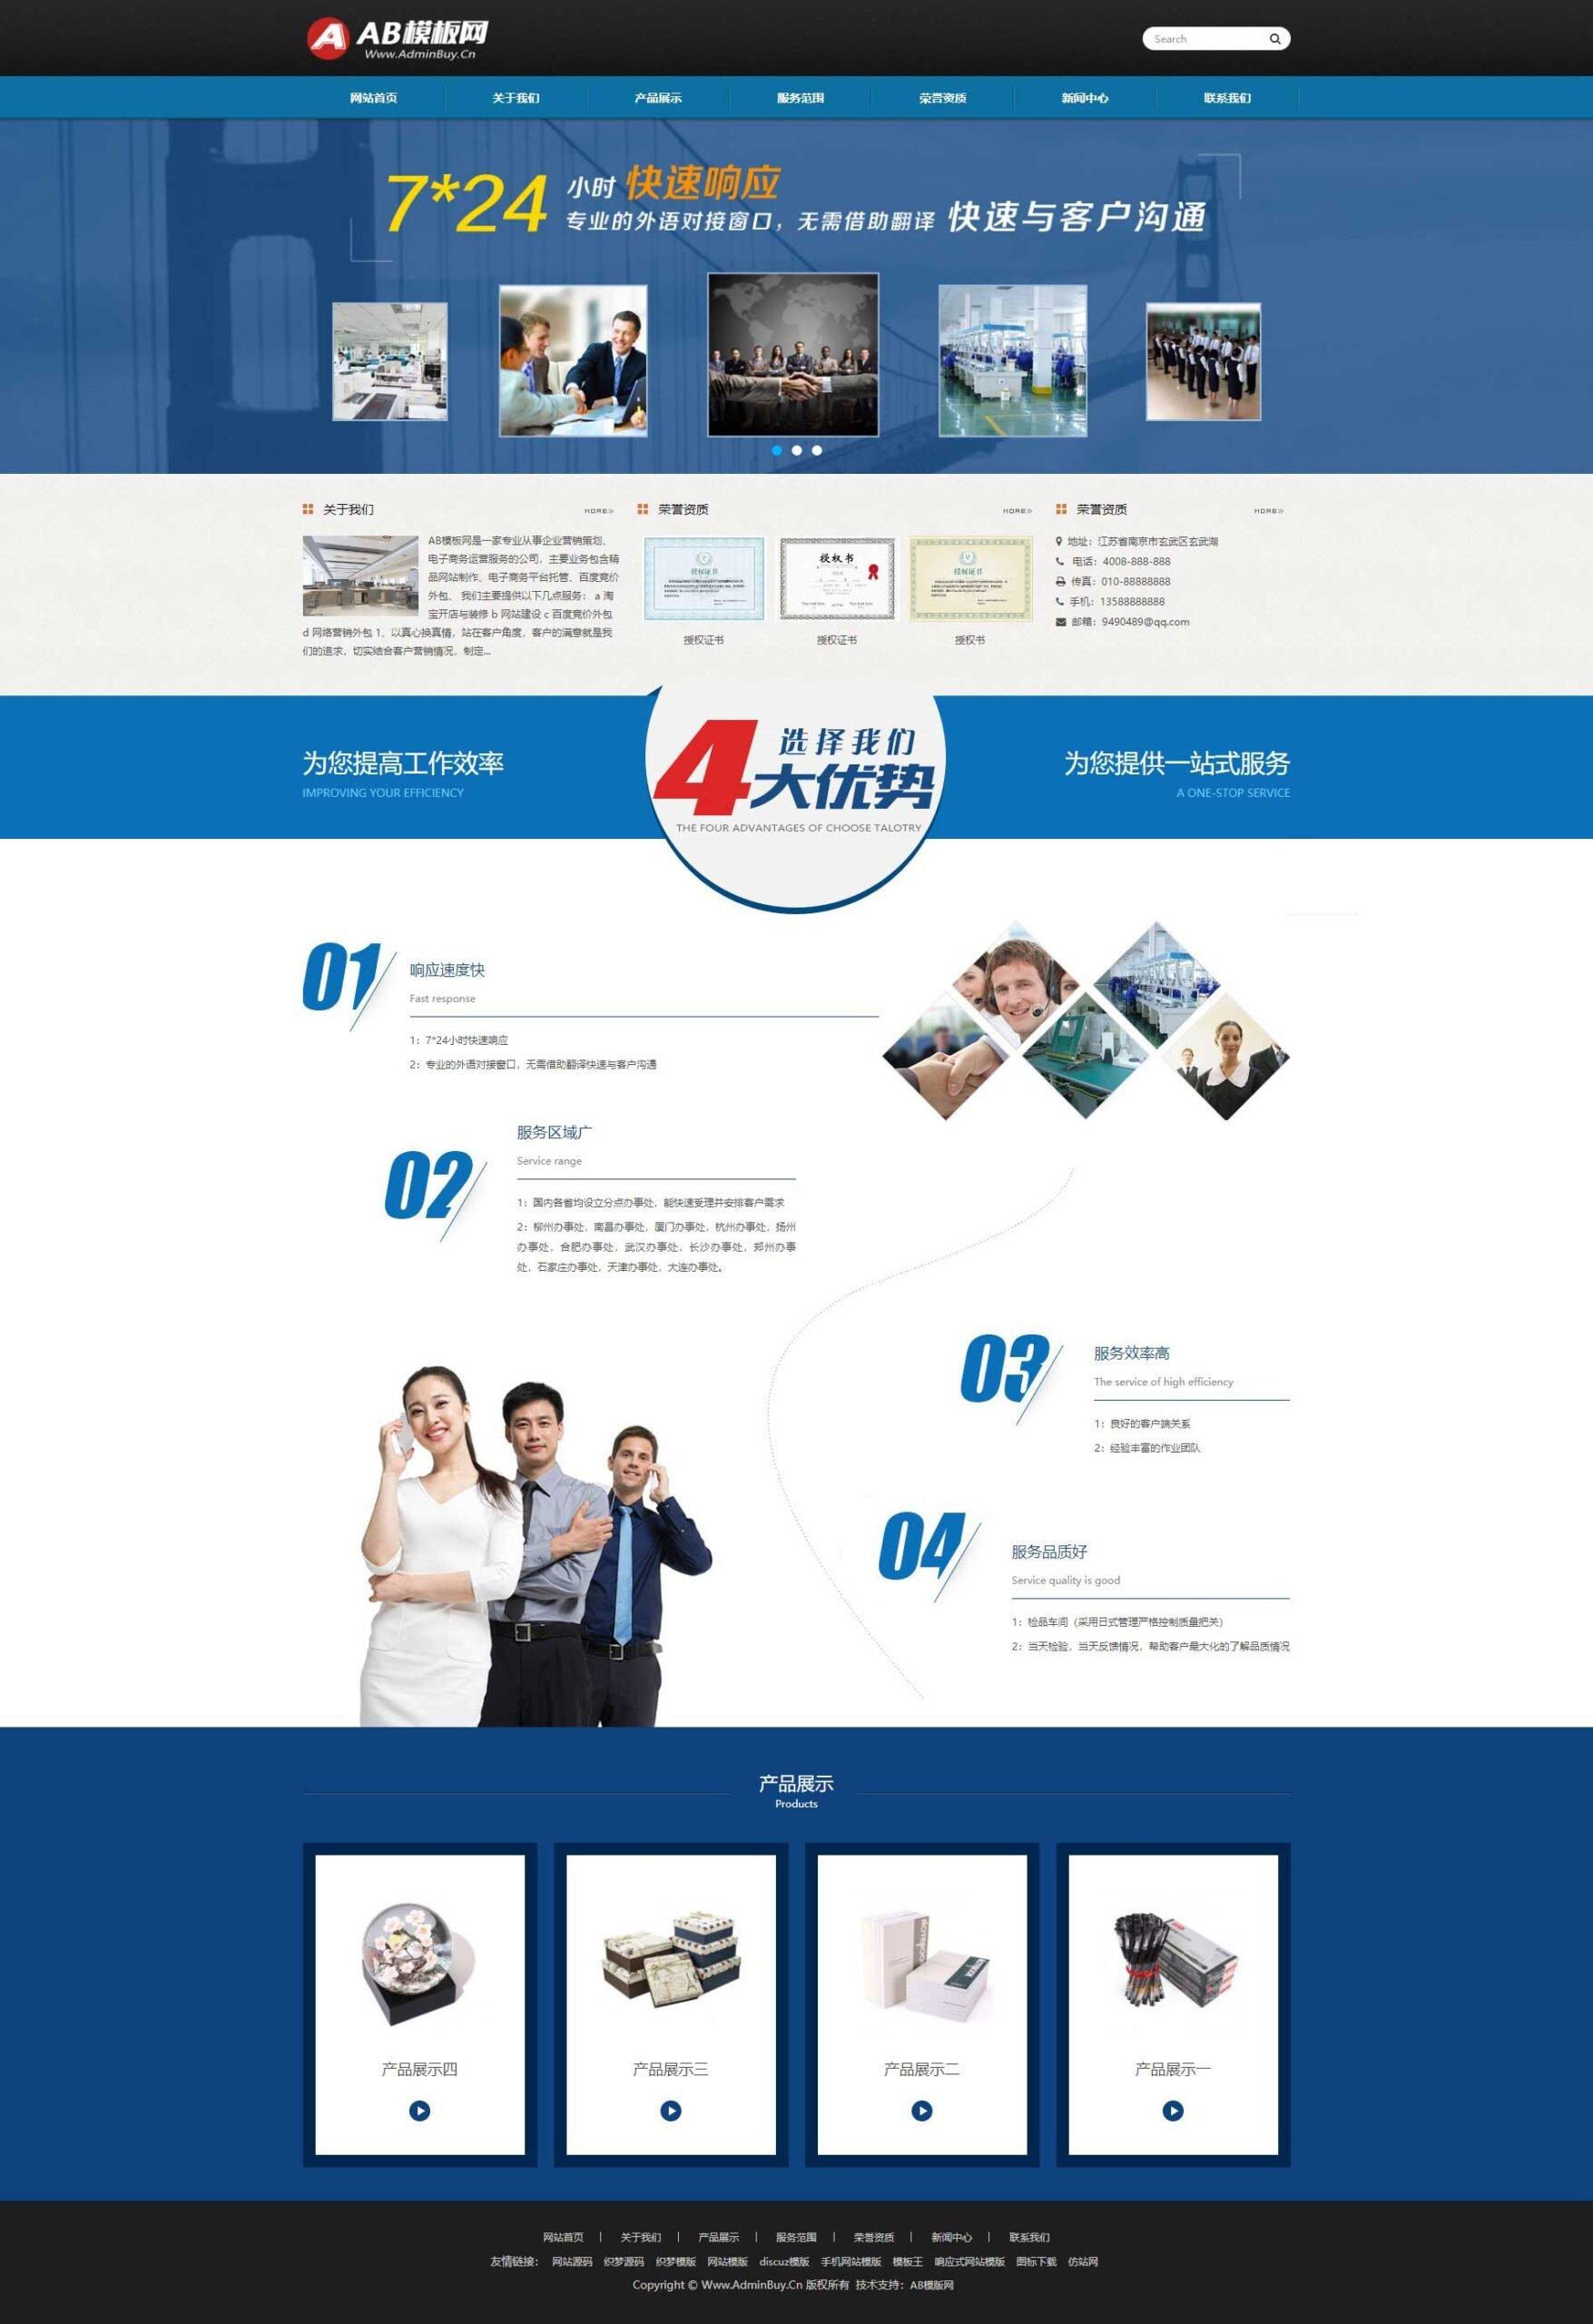 鹤云资源博客-食品包装公司企业网站织梦dede模板源码[带手机版数据同步]插图